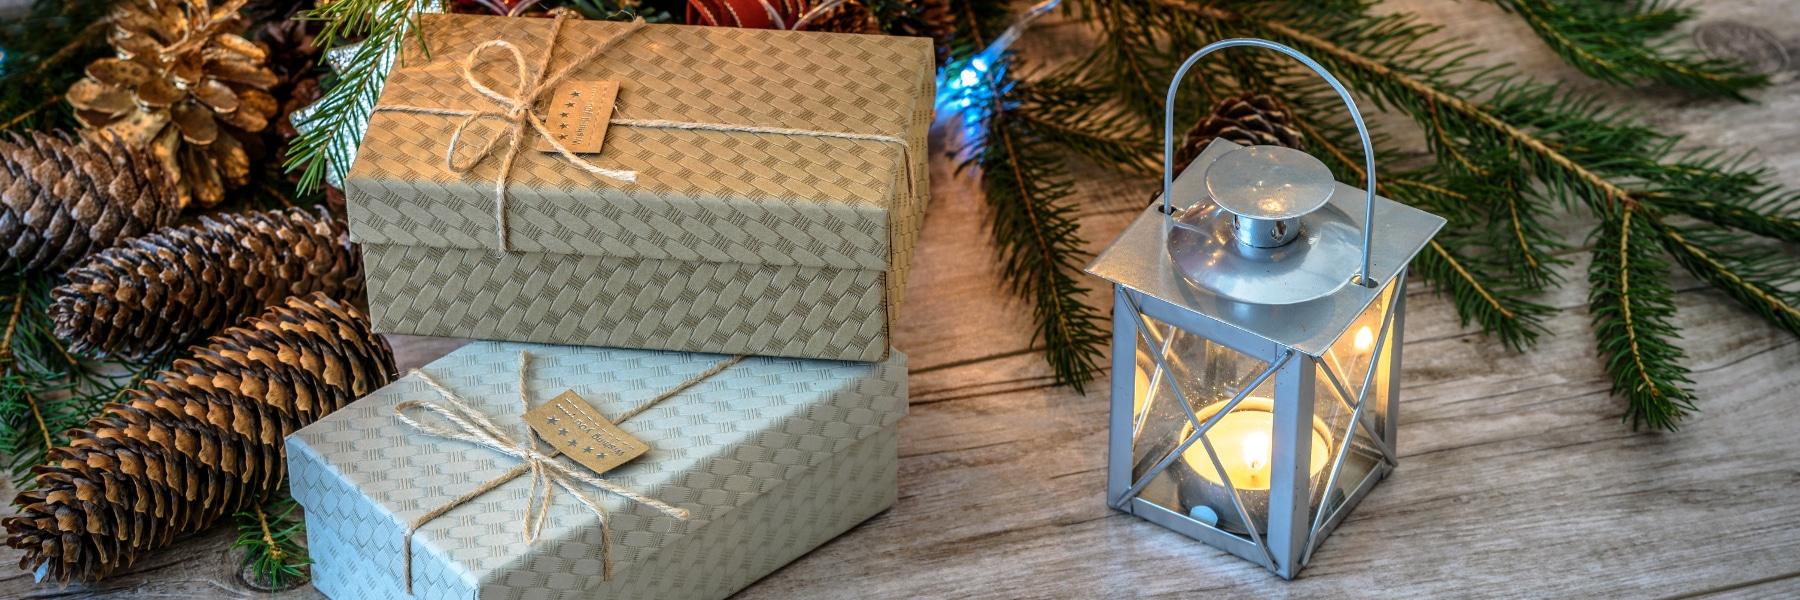 das sind die besten homekit weihnachtsgeschenke 2016